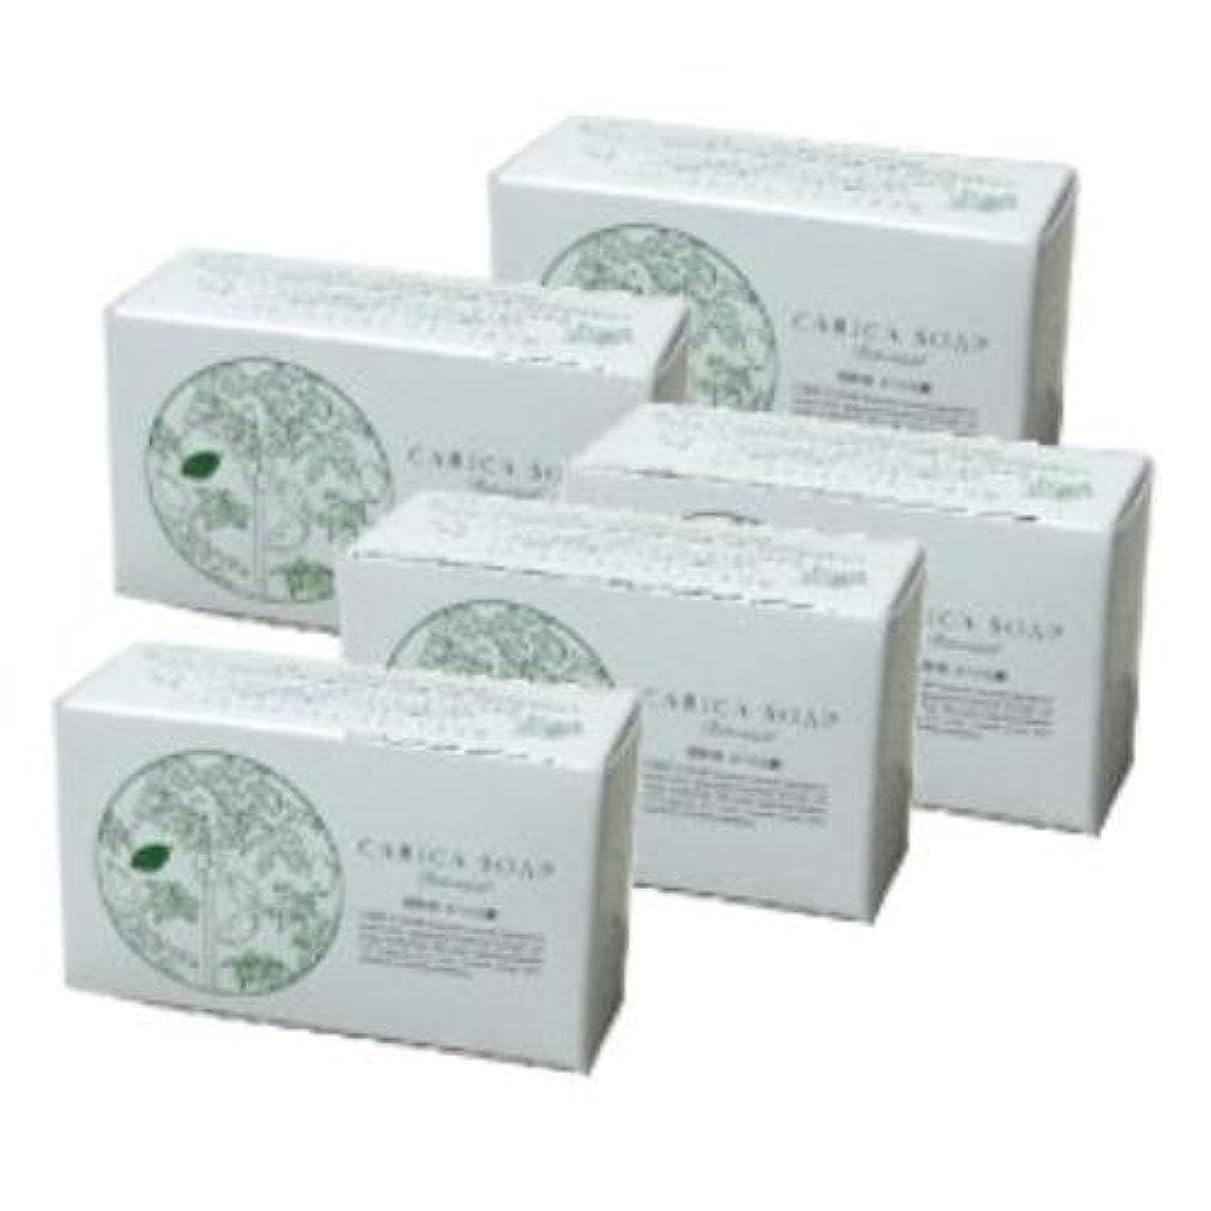 できれば過半数基本的な植物性カリカ石鹸 100g 5個セット